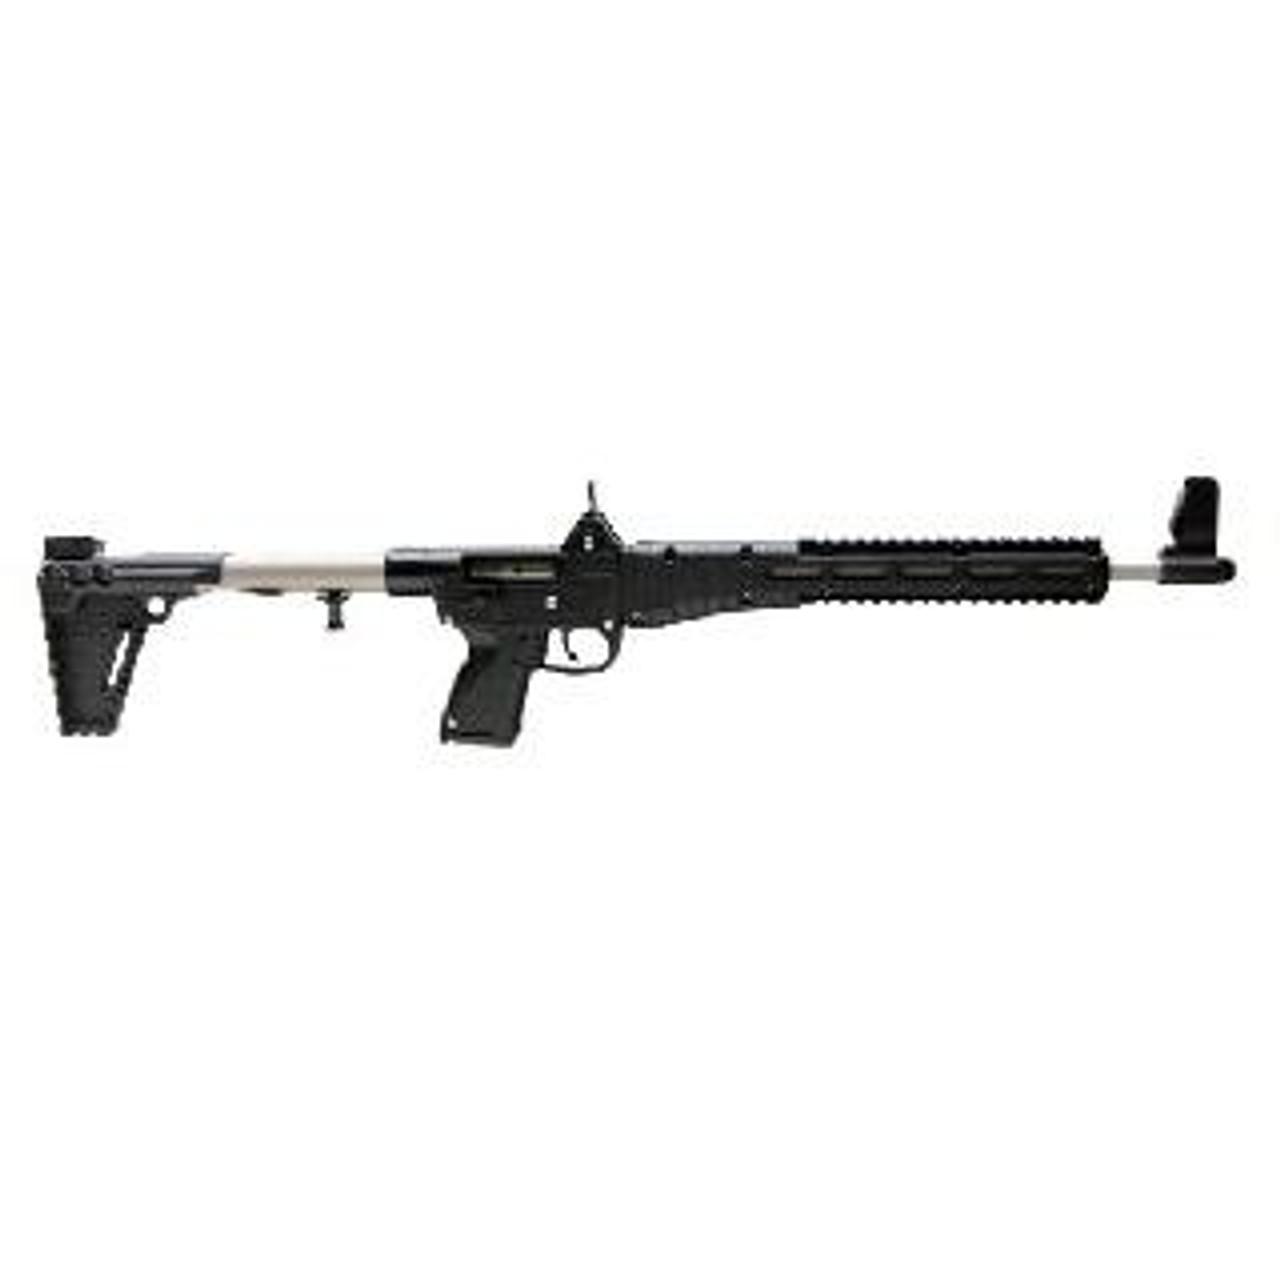 Kel Tec Sub2000 Gen 2 NiB (Beretta 96 Mags)- CALIFORNIA LEGAL - .40S&W